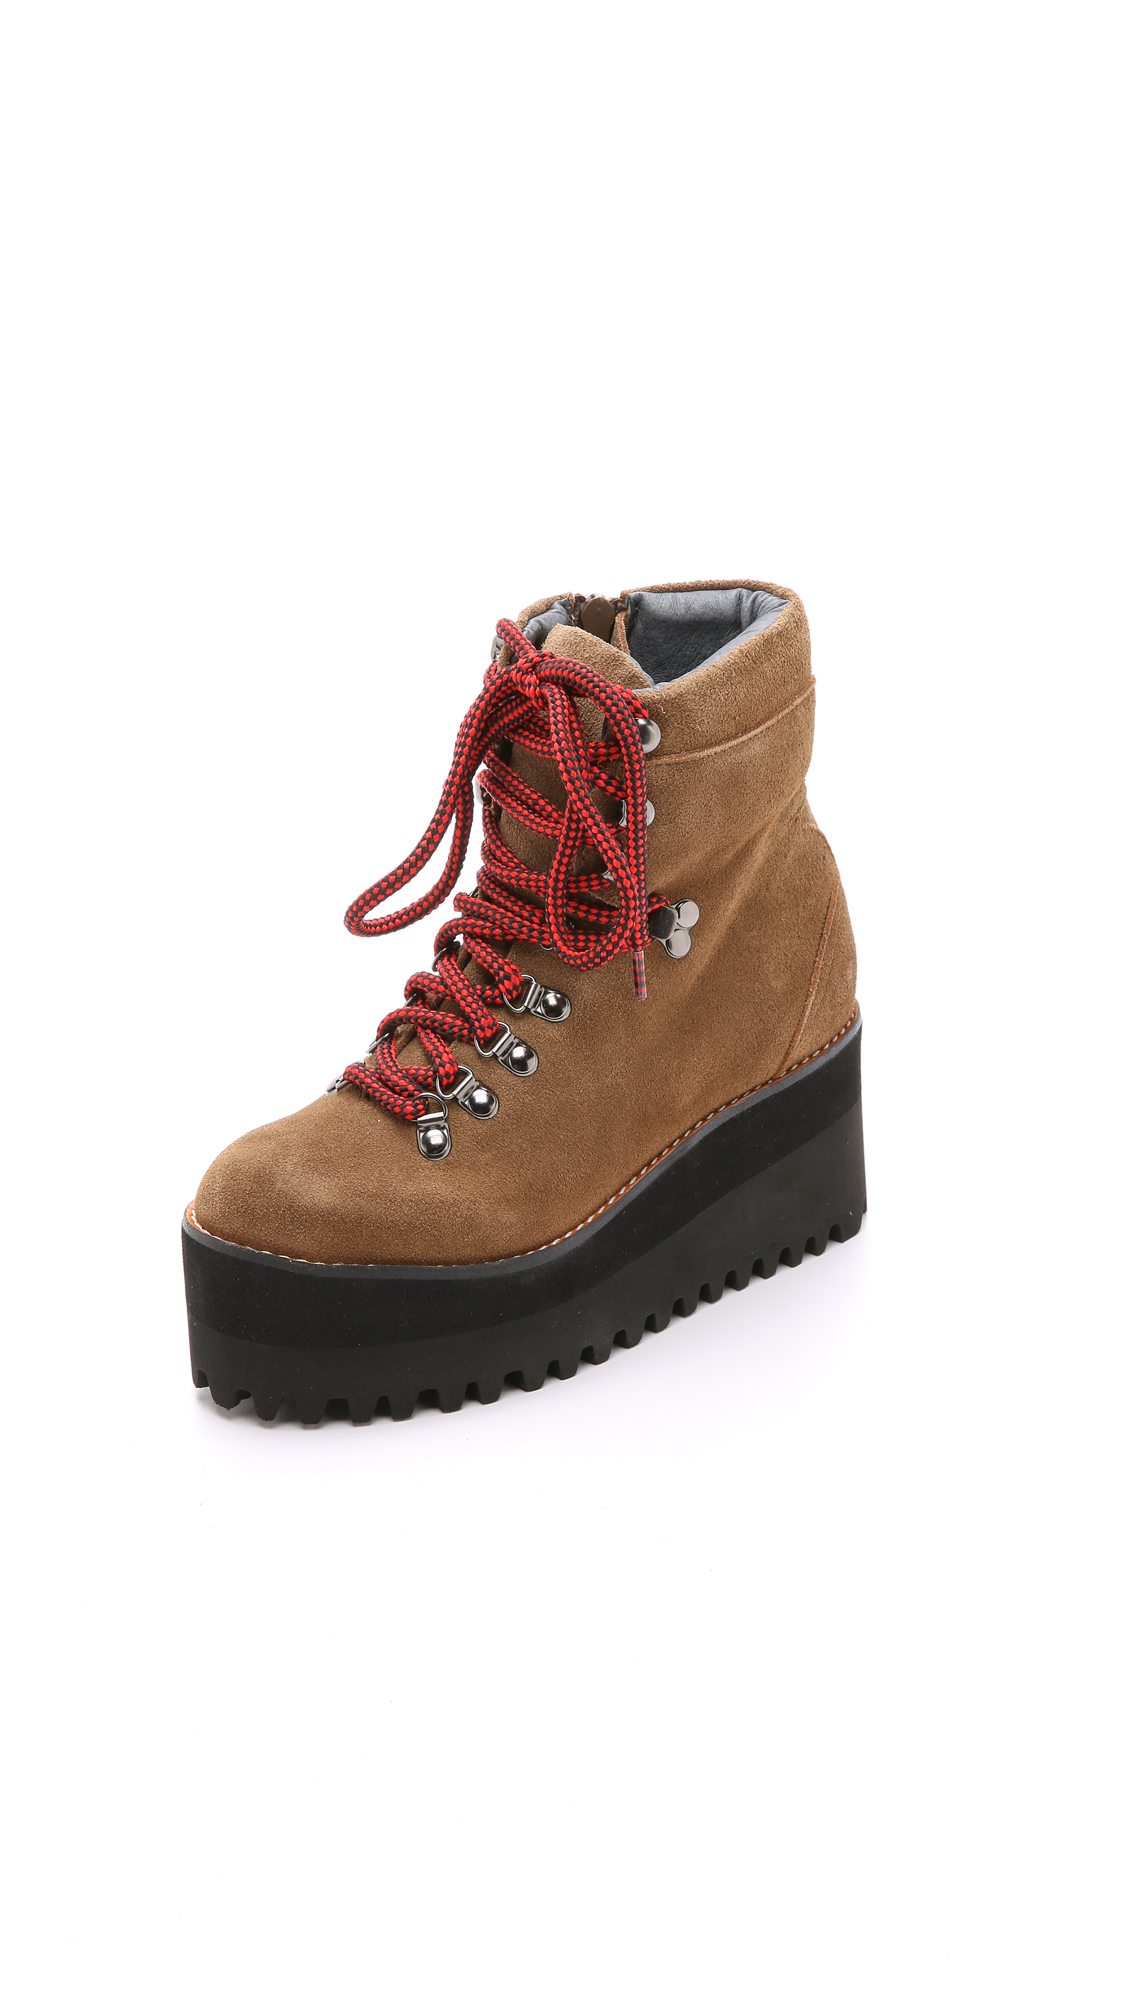 Jeffrey Campbell Shoes Lita Black Suede